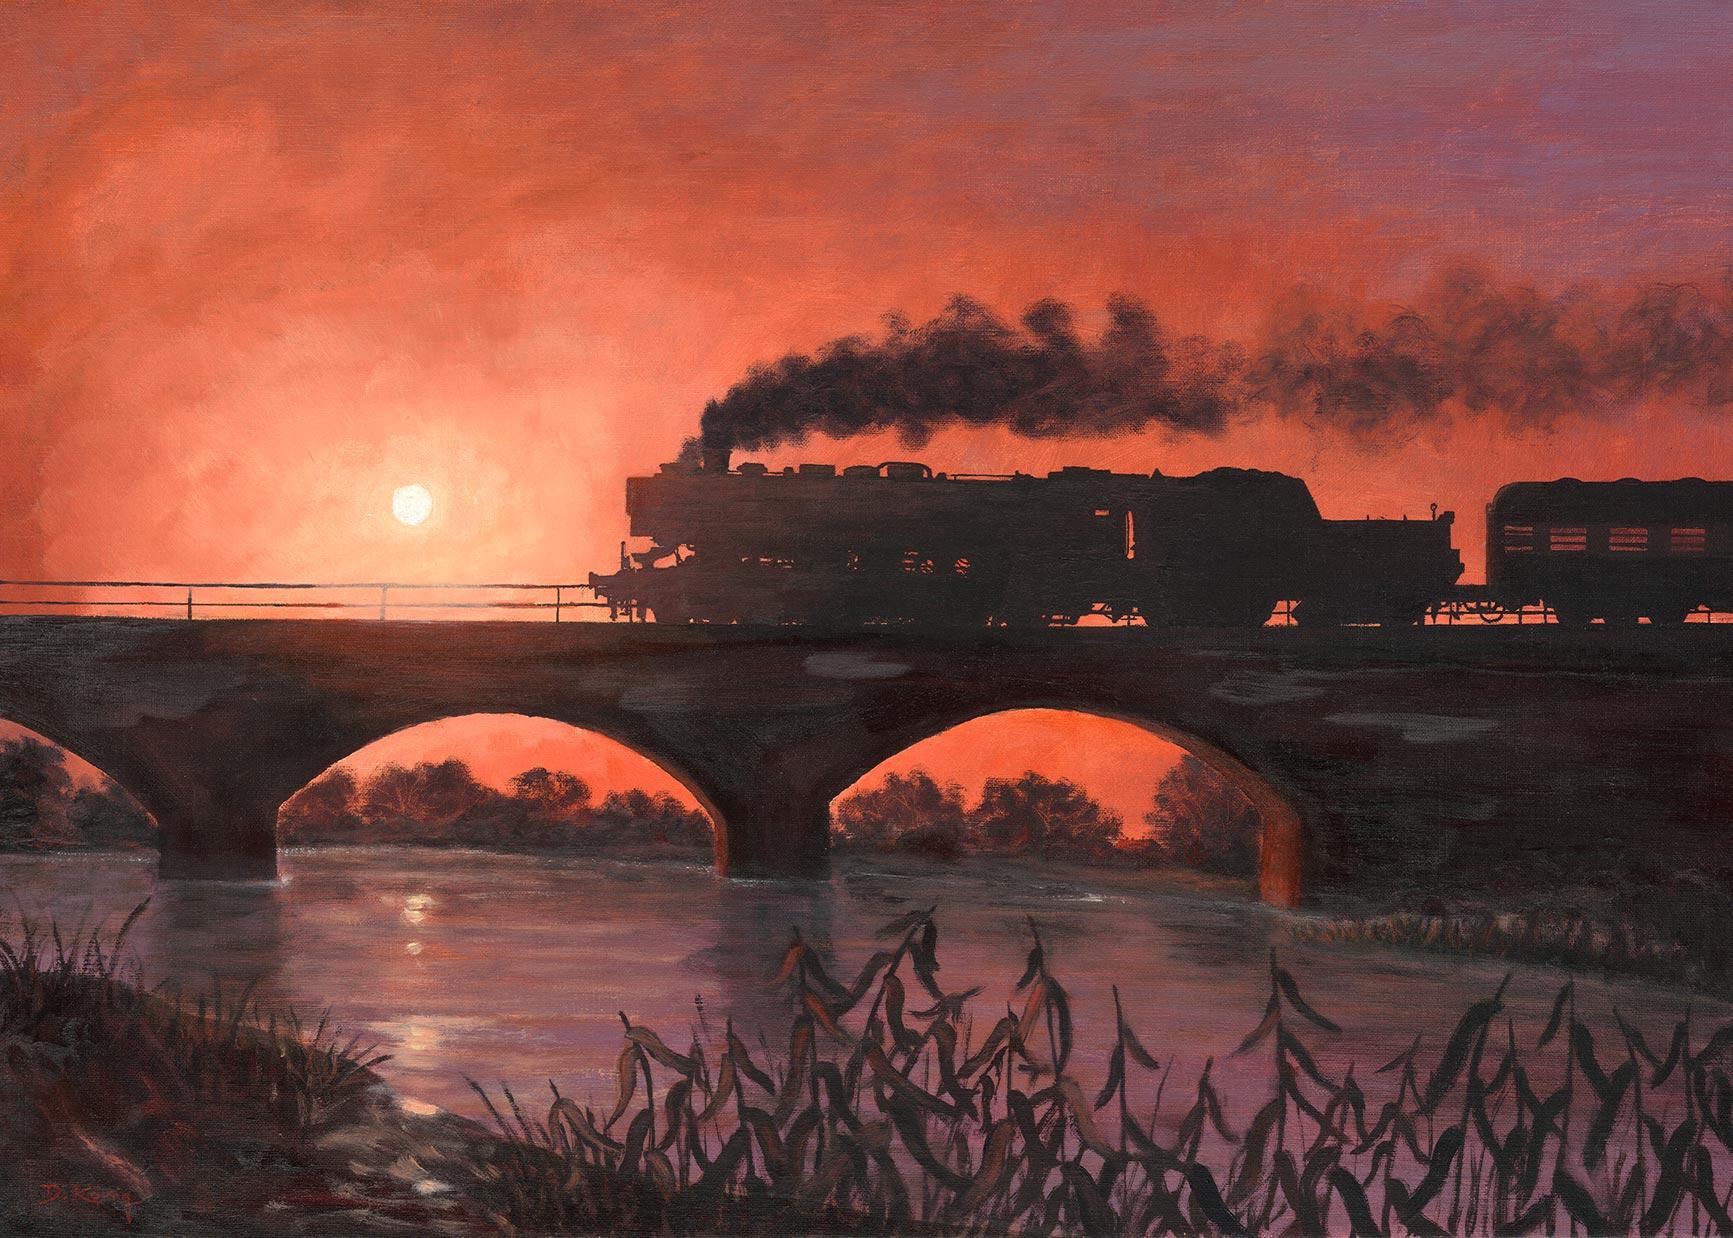 Dampflok Im Sonnenuntergang II - Baureihe 52 Reko - 50 X 70 Cm - Öl Auf Leinen